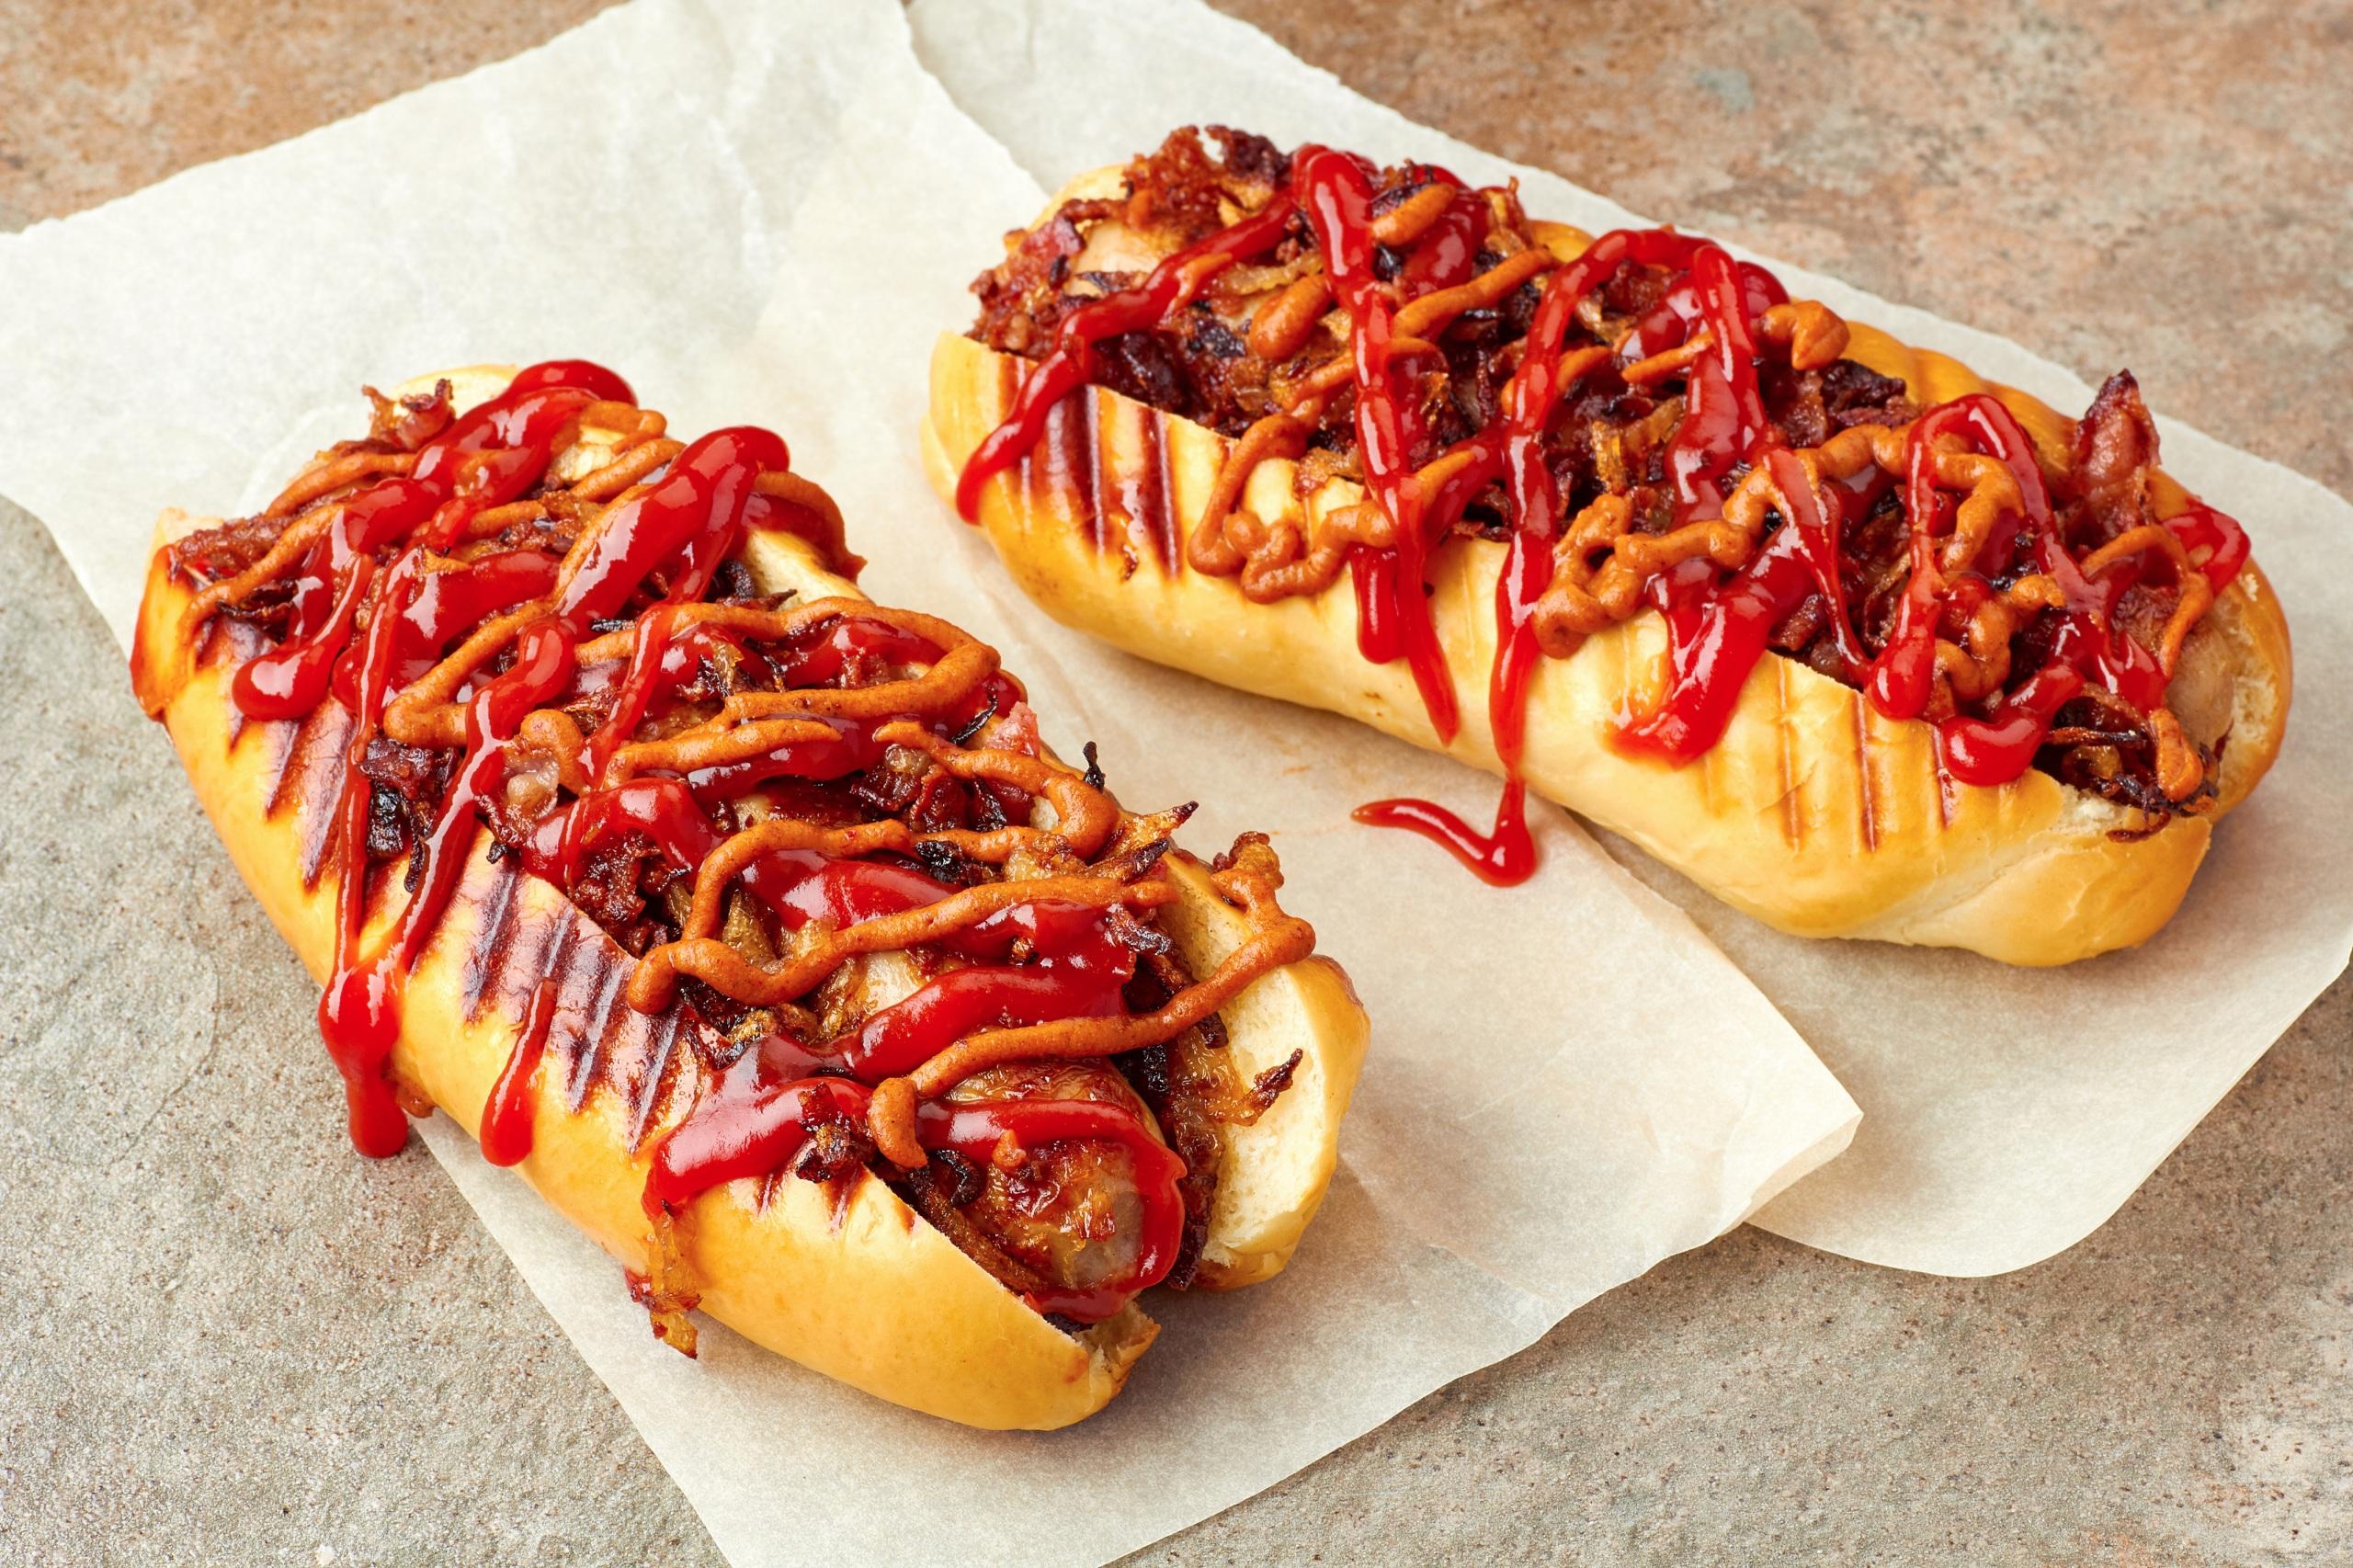 Фото Двое Хот-дог Булочки кетчупом Быстрое питание Еда 2560x1706 2 два две вдвоем Кетчуп кетчупа Фастфуд Пища Продукты питания